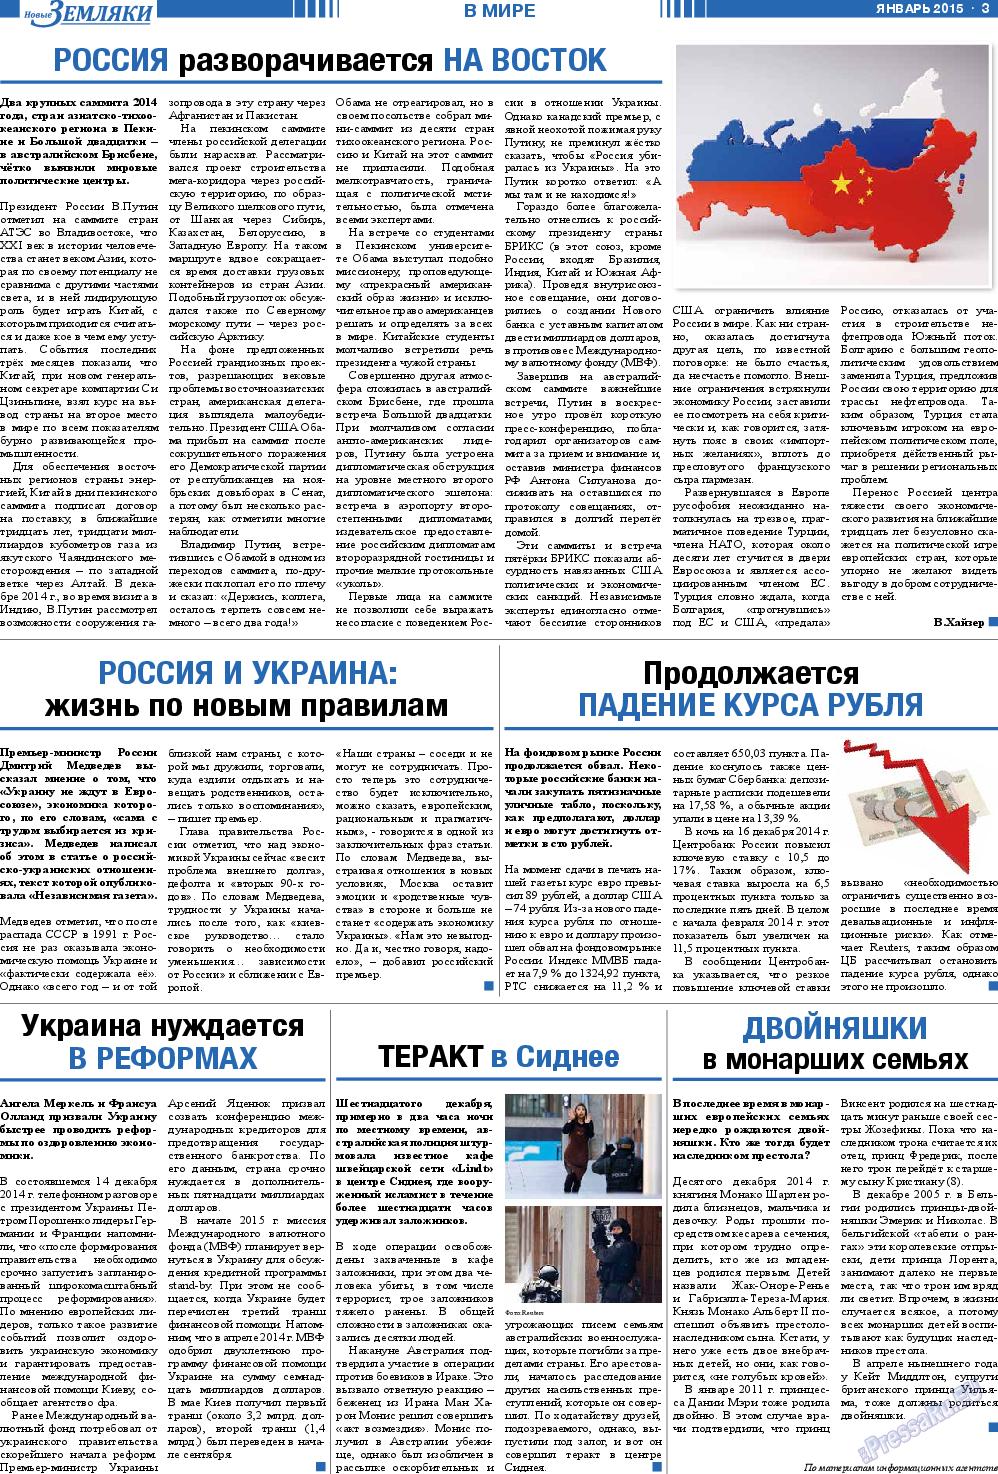 Новые Земляки (газета). 2015 год, номер 1, стр. 3